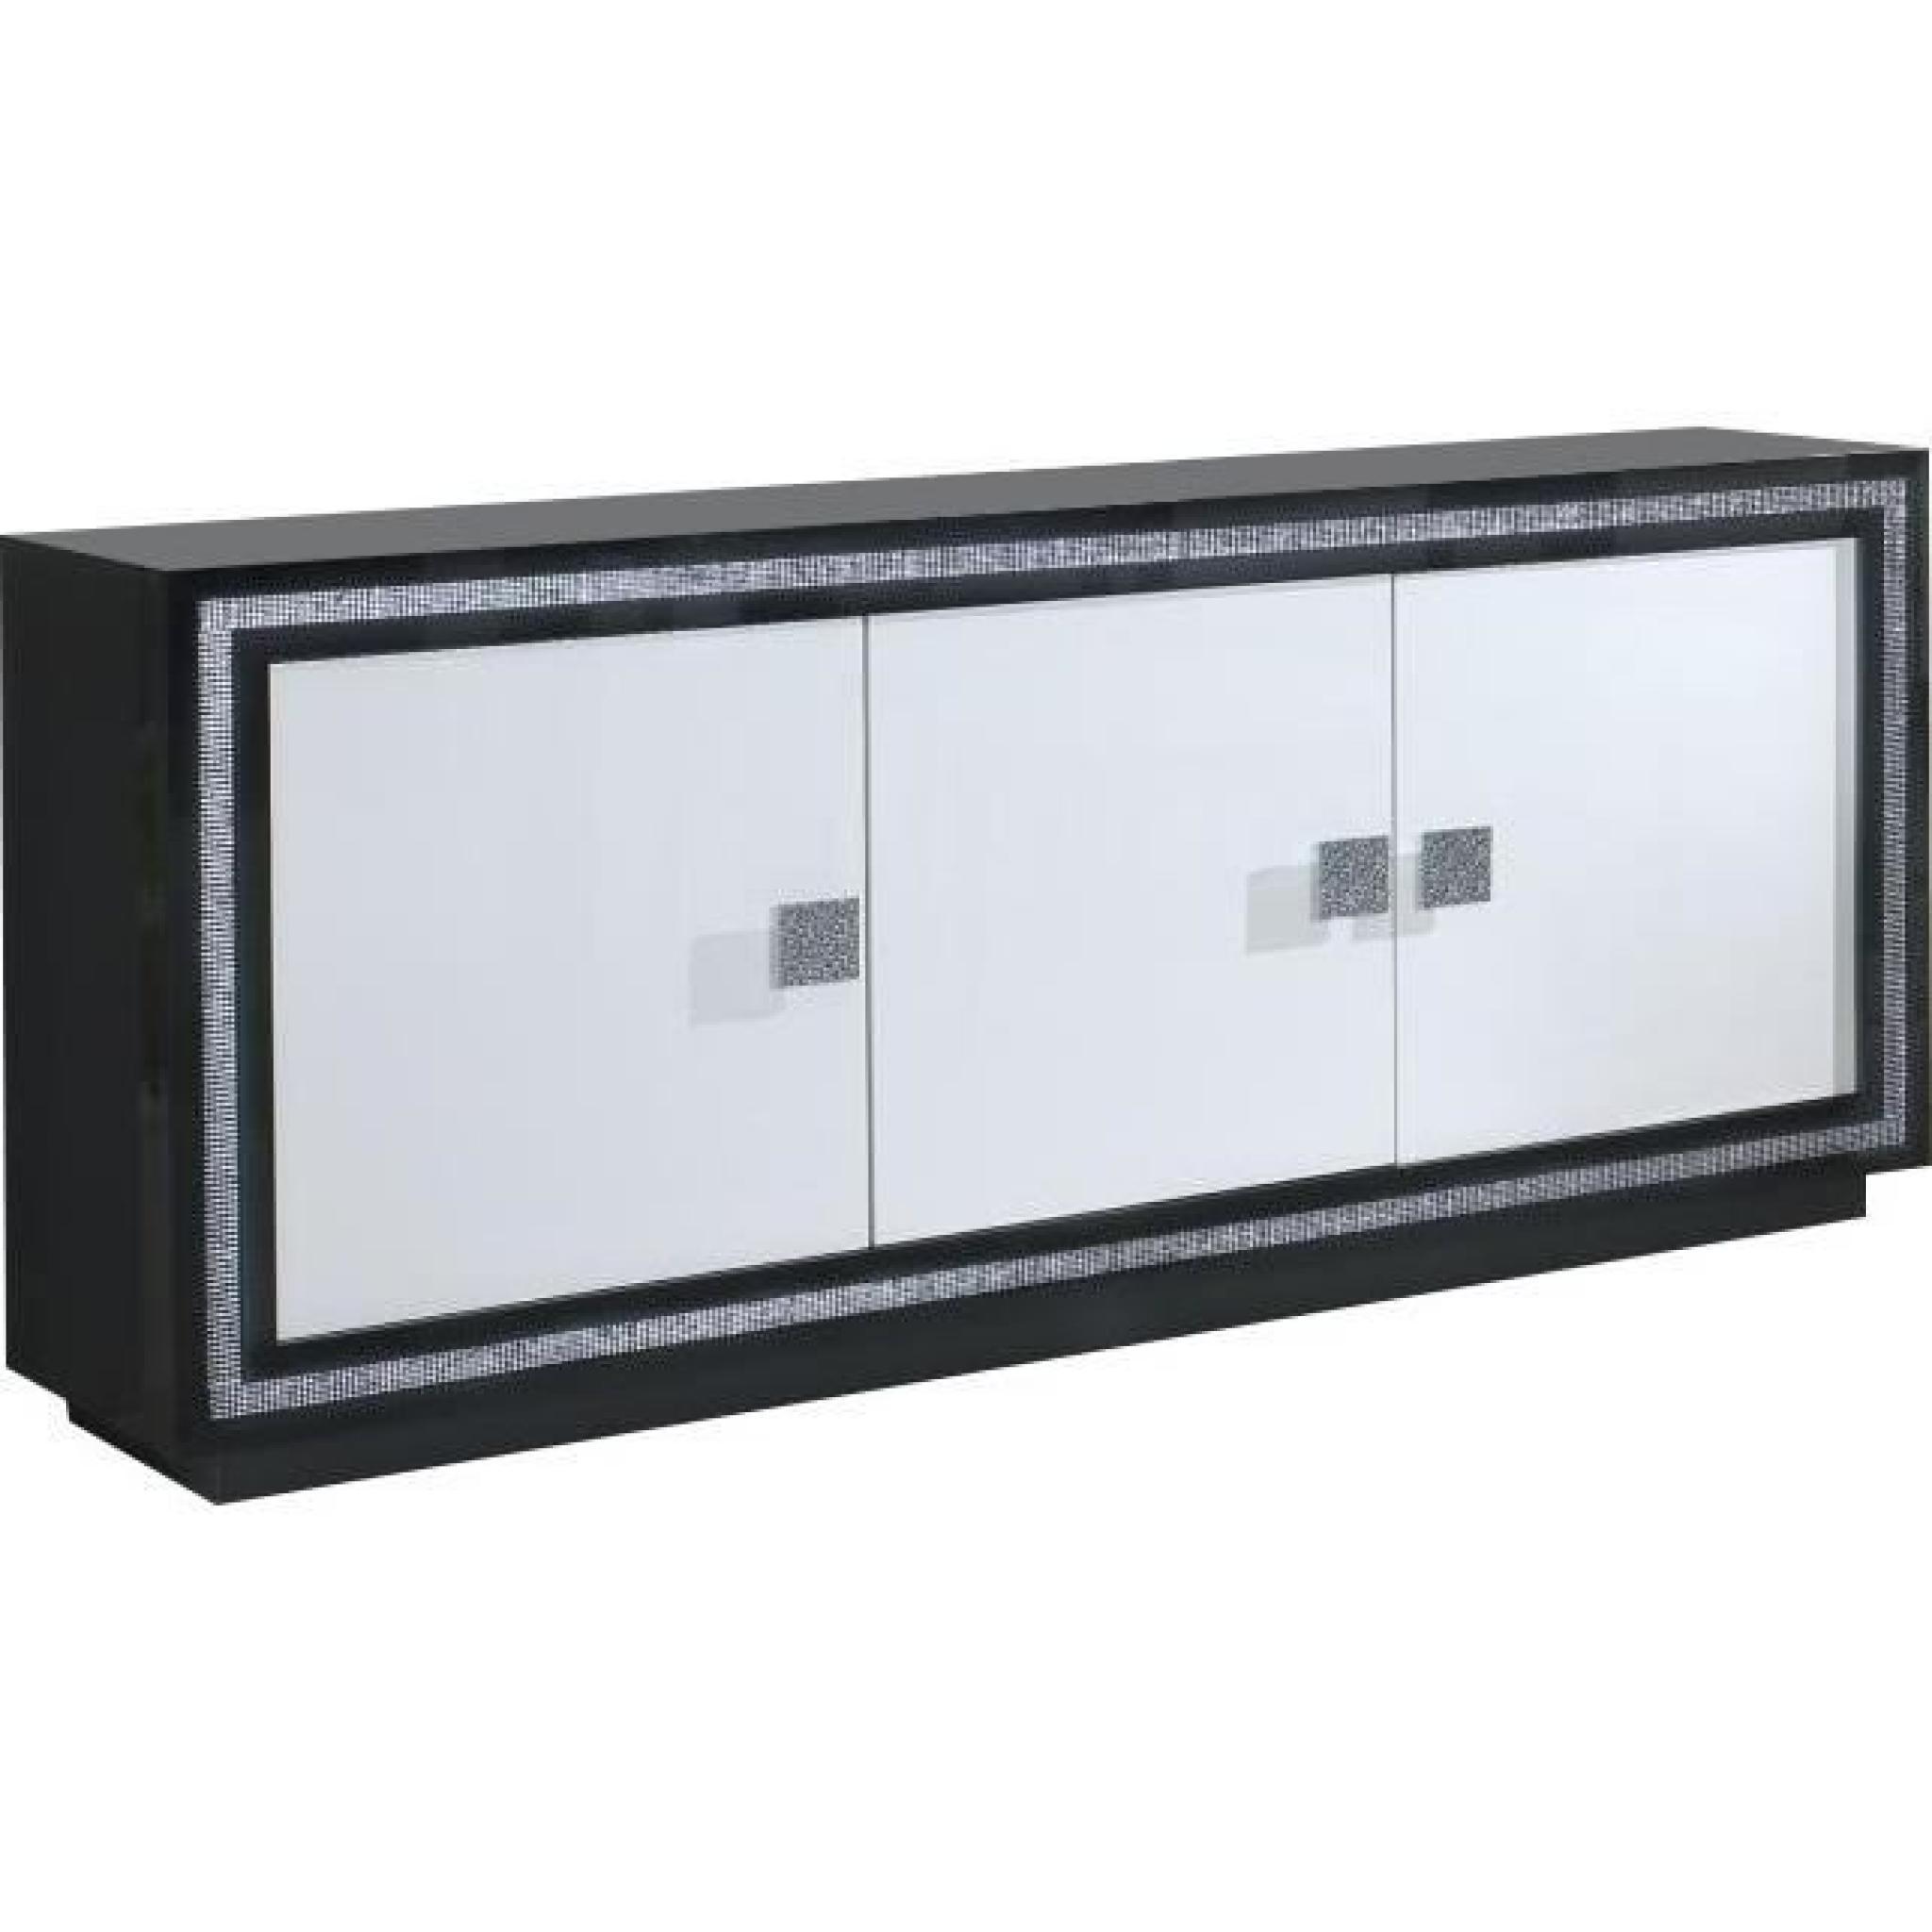 Bahut ultra design noir et blanc laqué avec strass - Achat/Vente ...